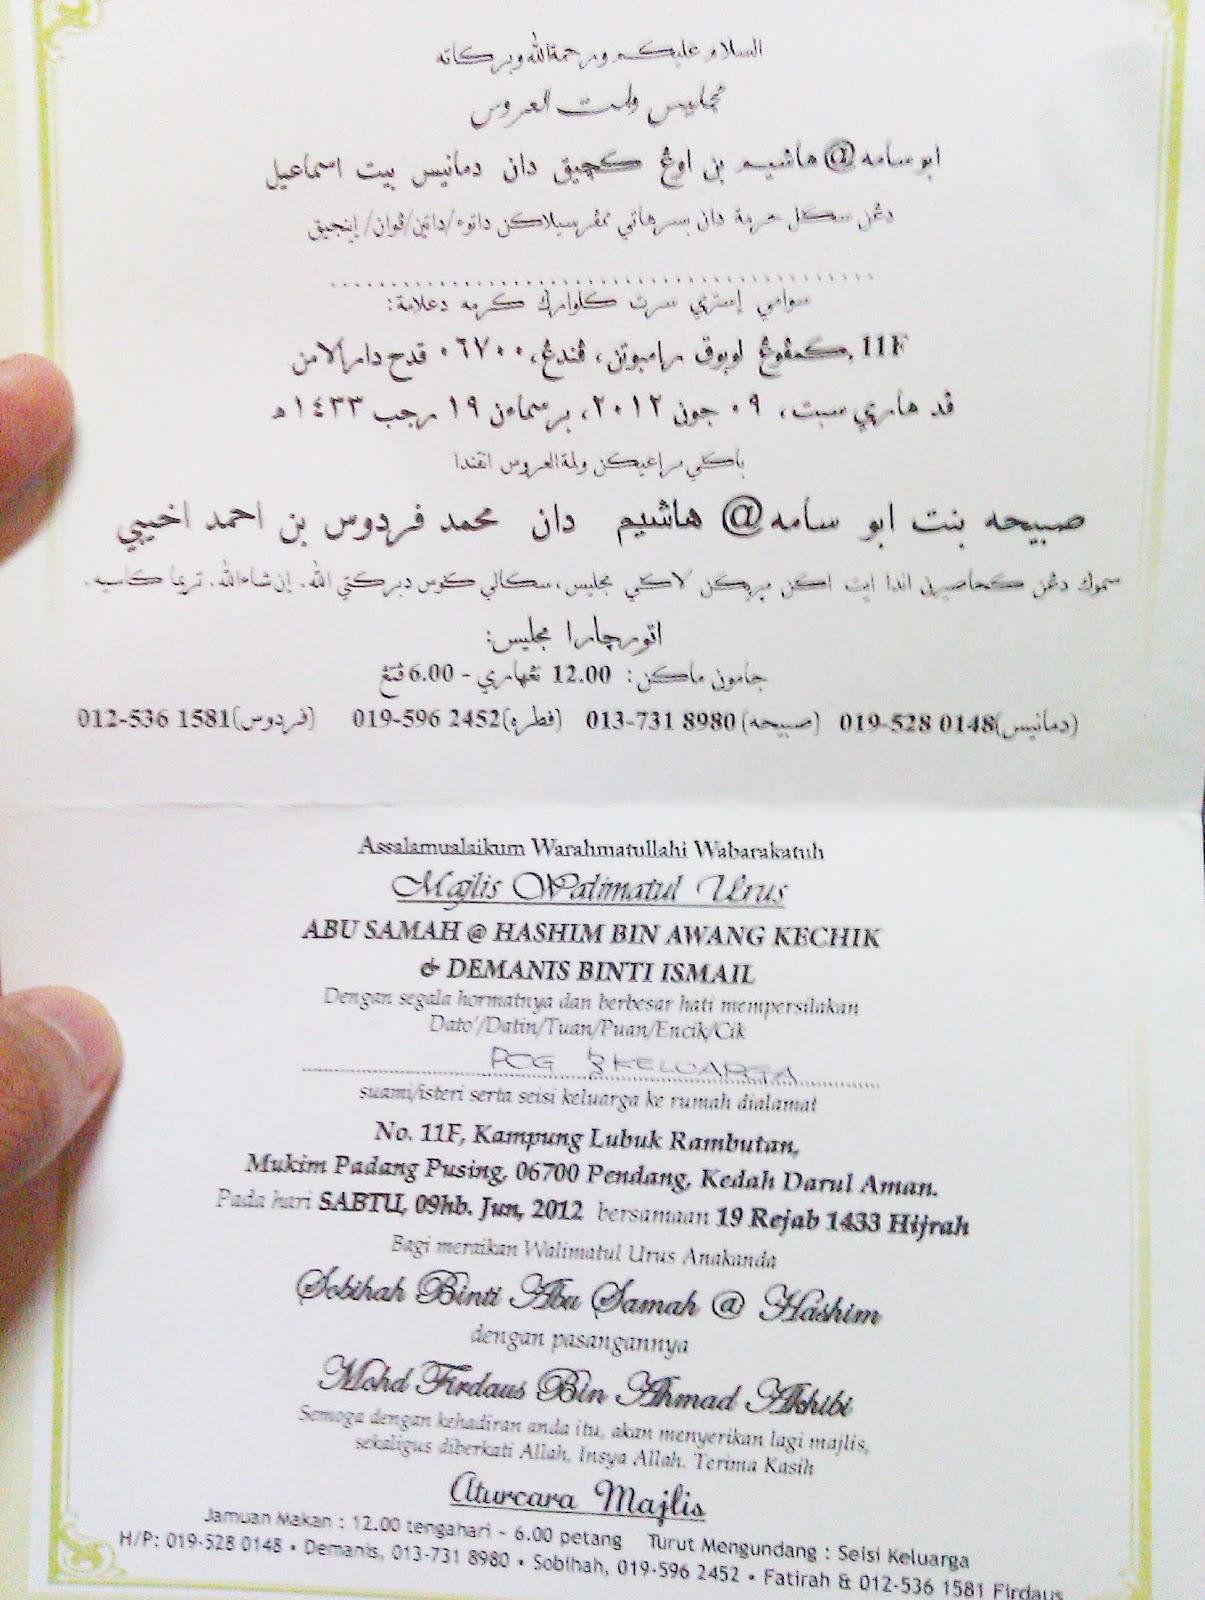 Ahmad Fauzi Aryaan 05 23 12